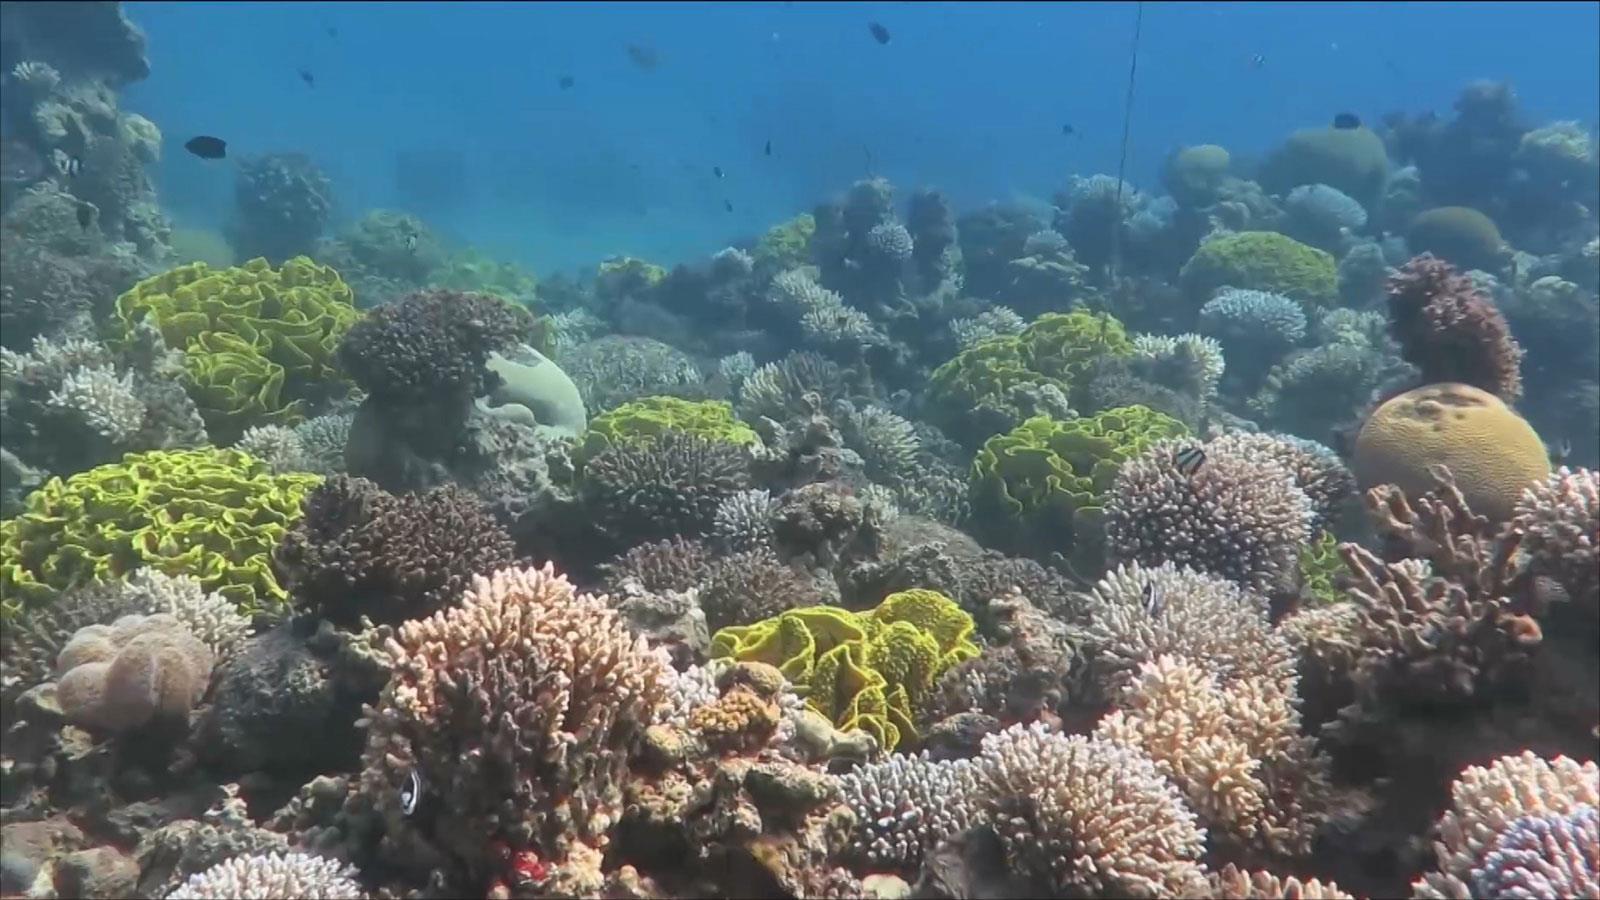 تقرير: فقدان 14 في المئة من الشعب المرجانية خلال عشر سنوات